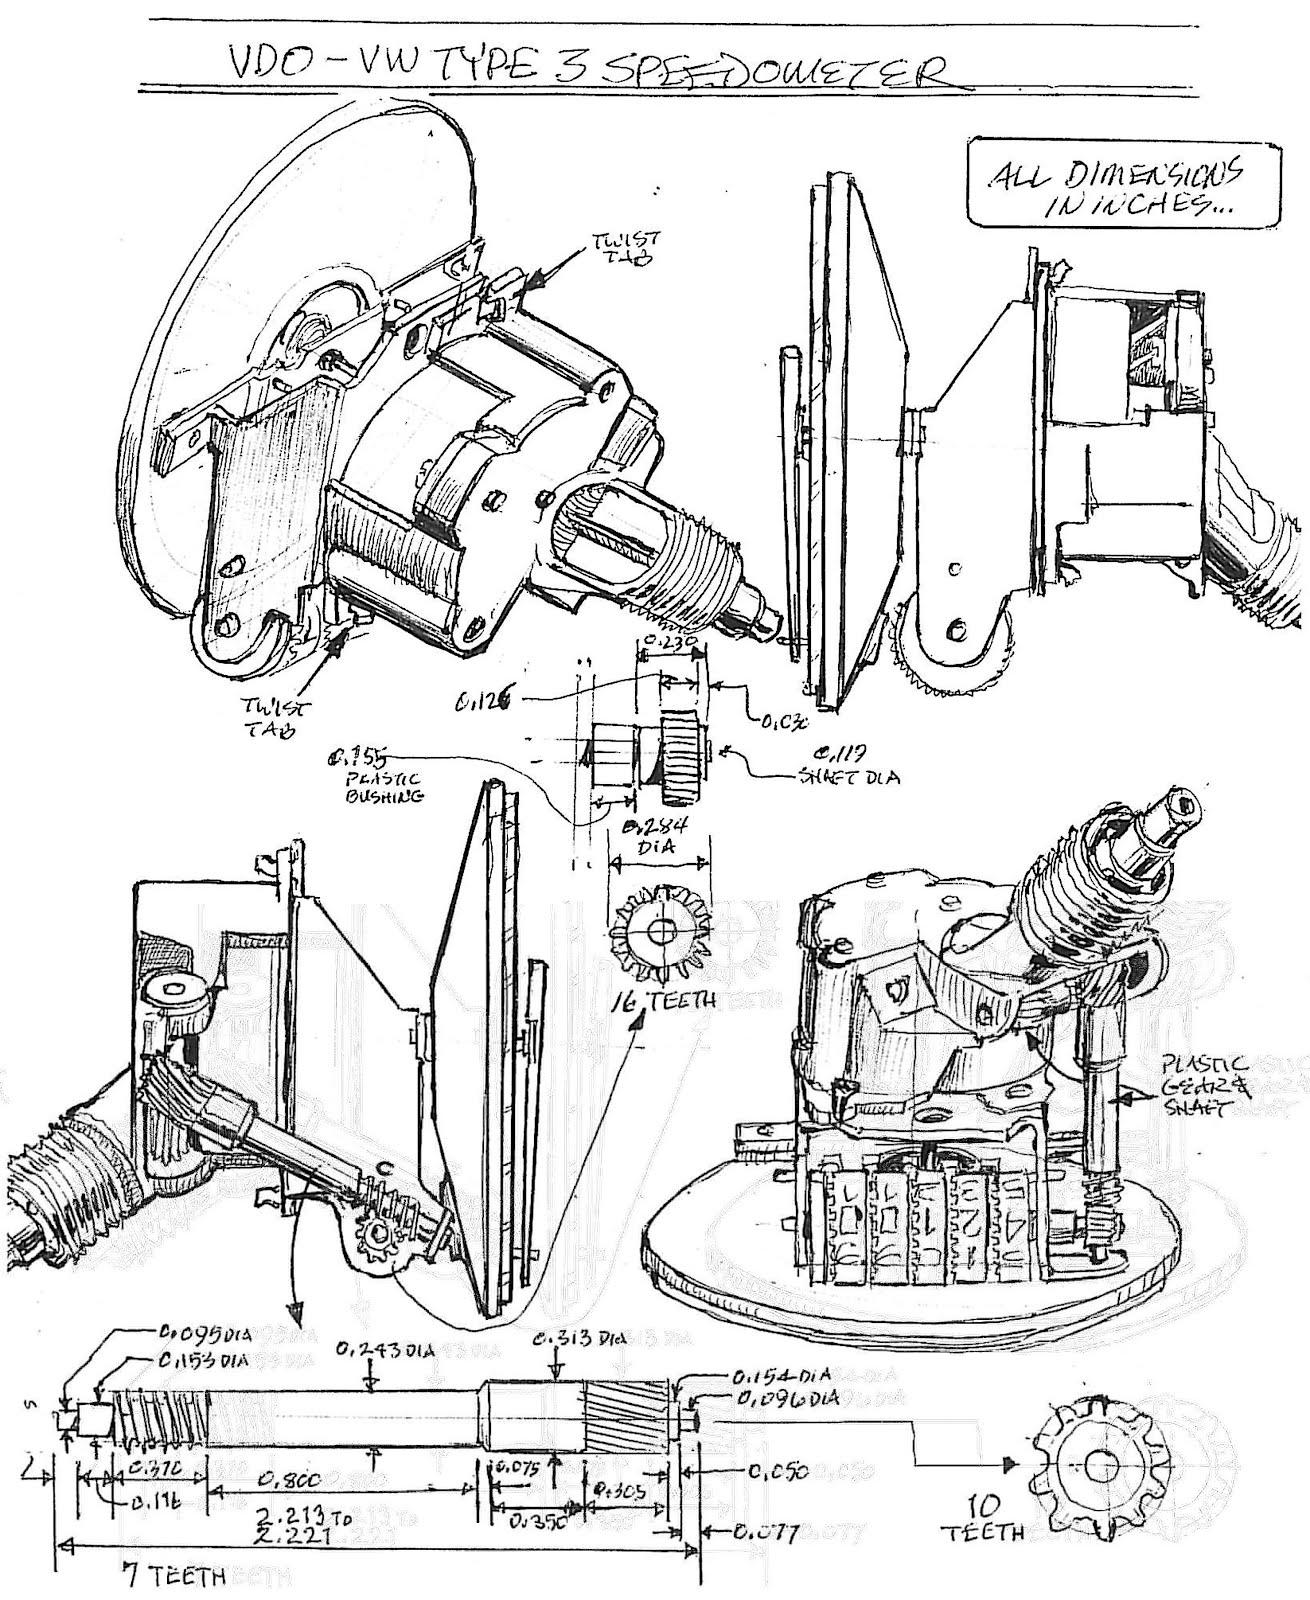 vintage vw engine diagrams